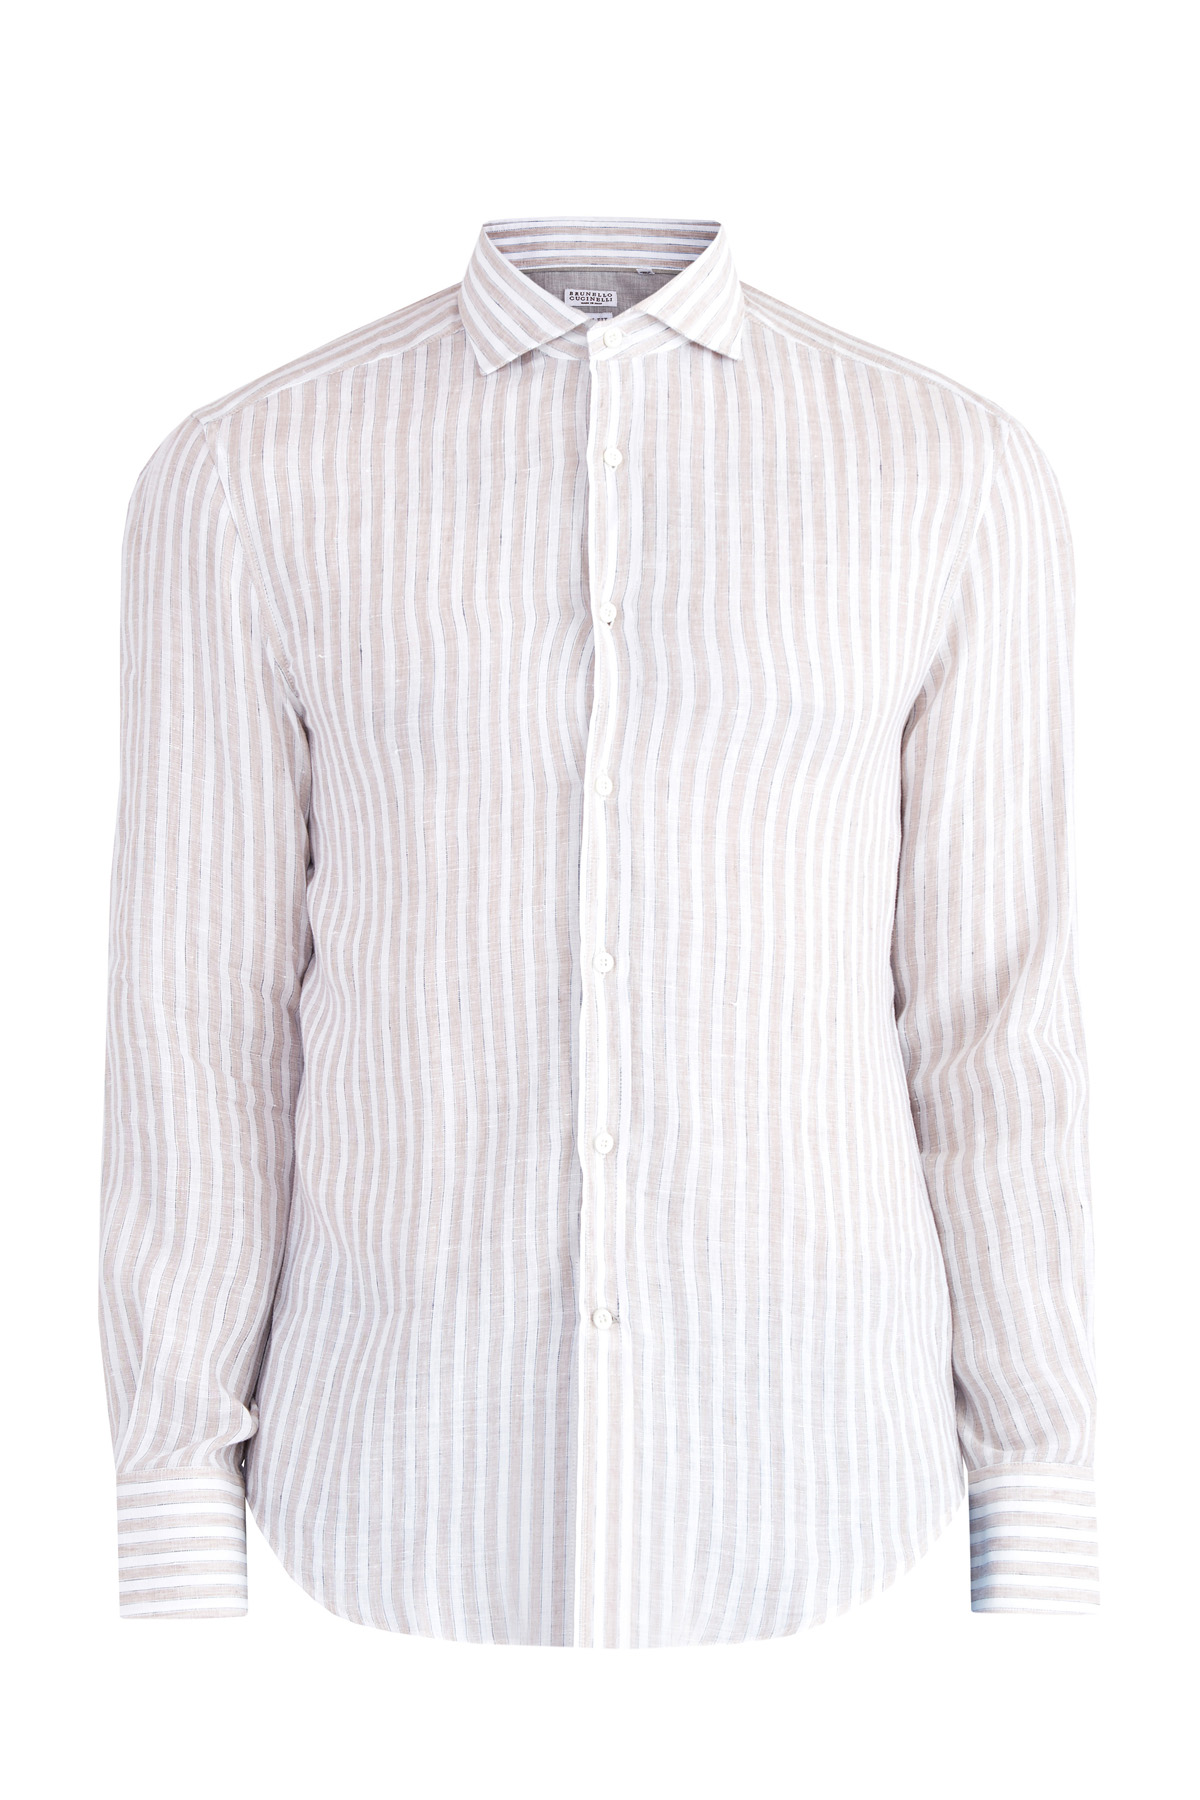 Купить Рубашка из льняного поплина с узловатыми нитями и эффектом «фламме», BRUNELLO CUCINELLI, Италия, лен 100%